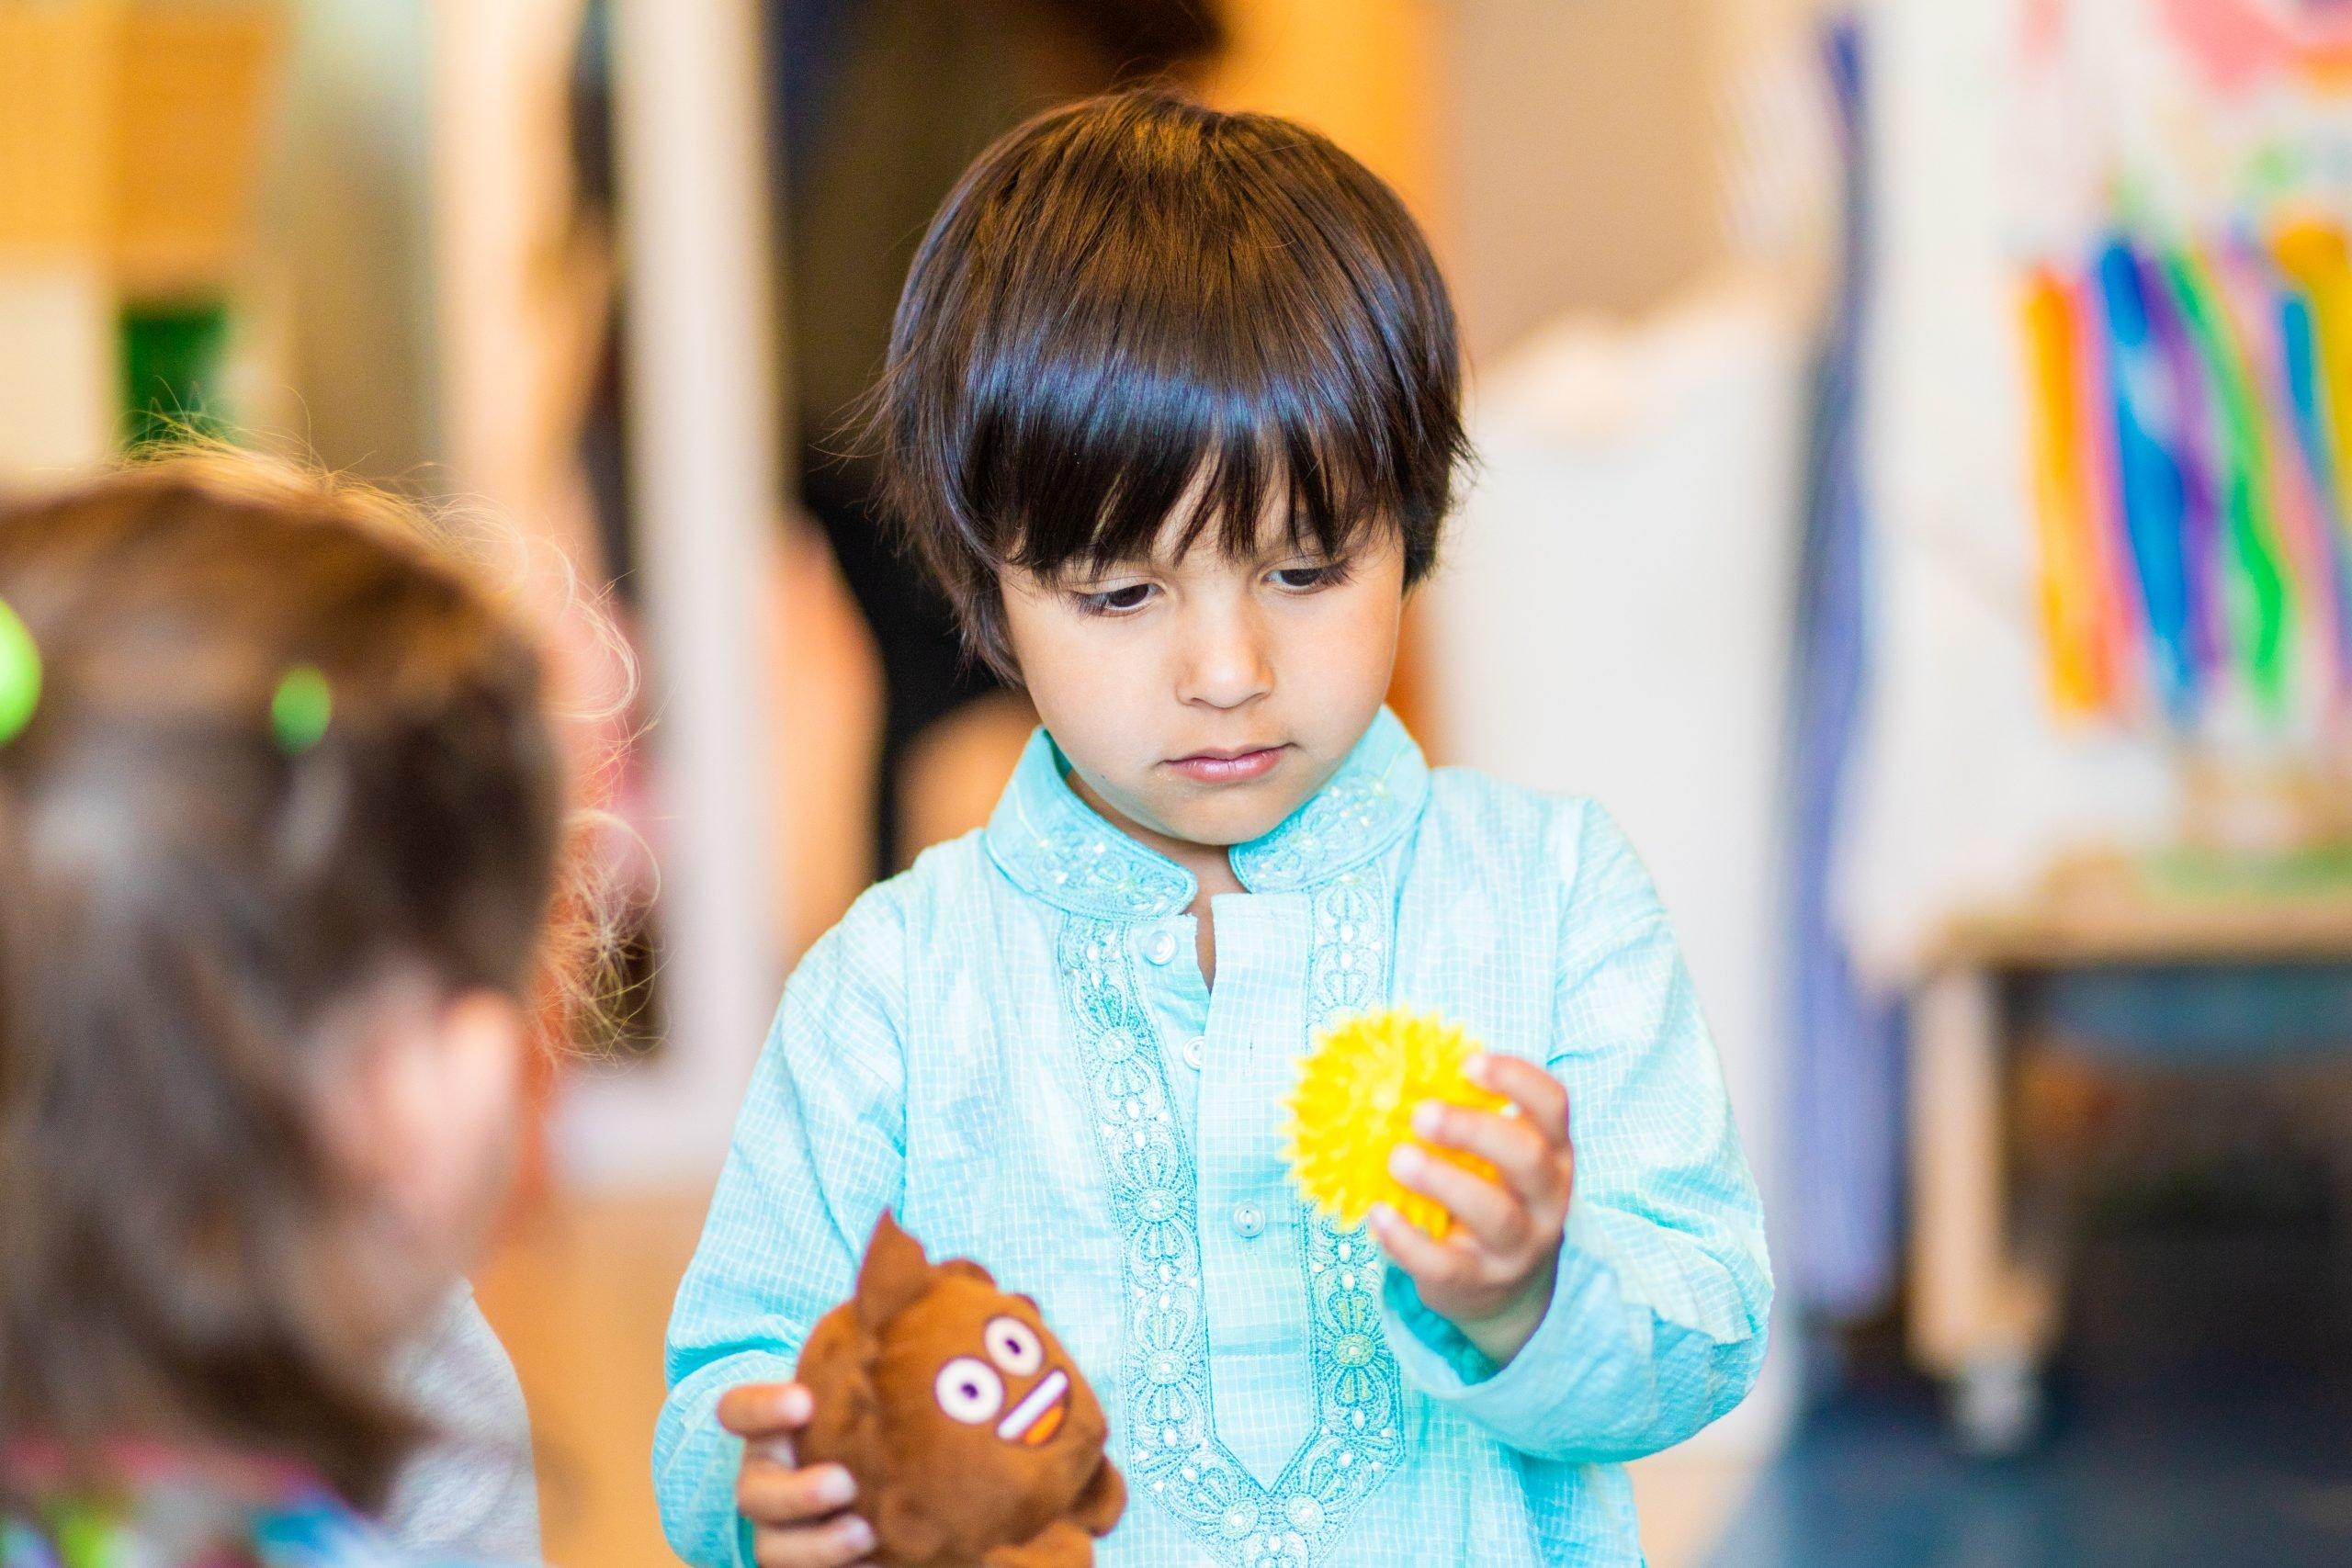 Het pedagogisch klimaat in de klas is van groot belang voor de ontwikkeling van een kind.